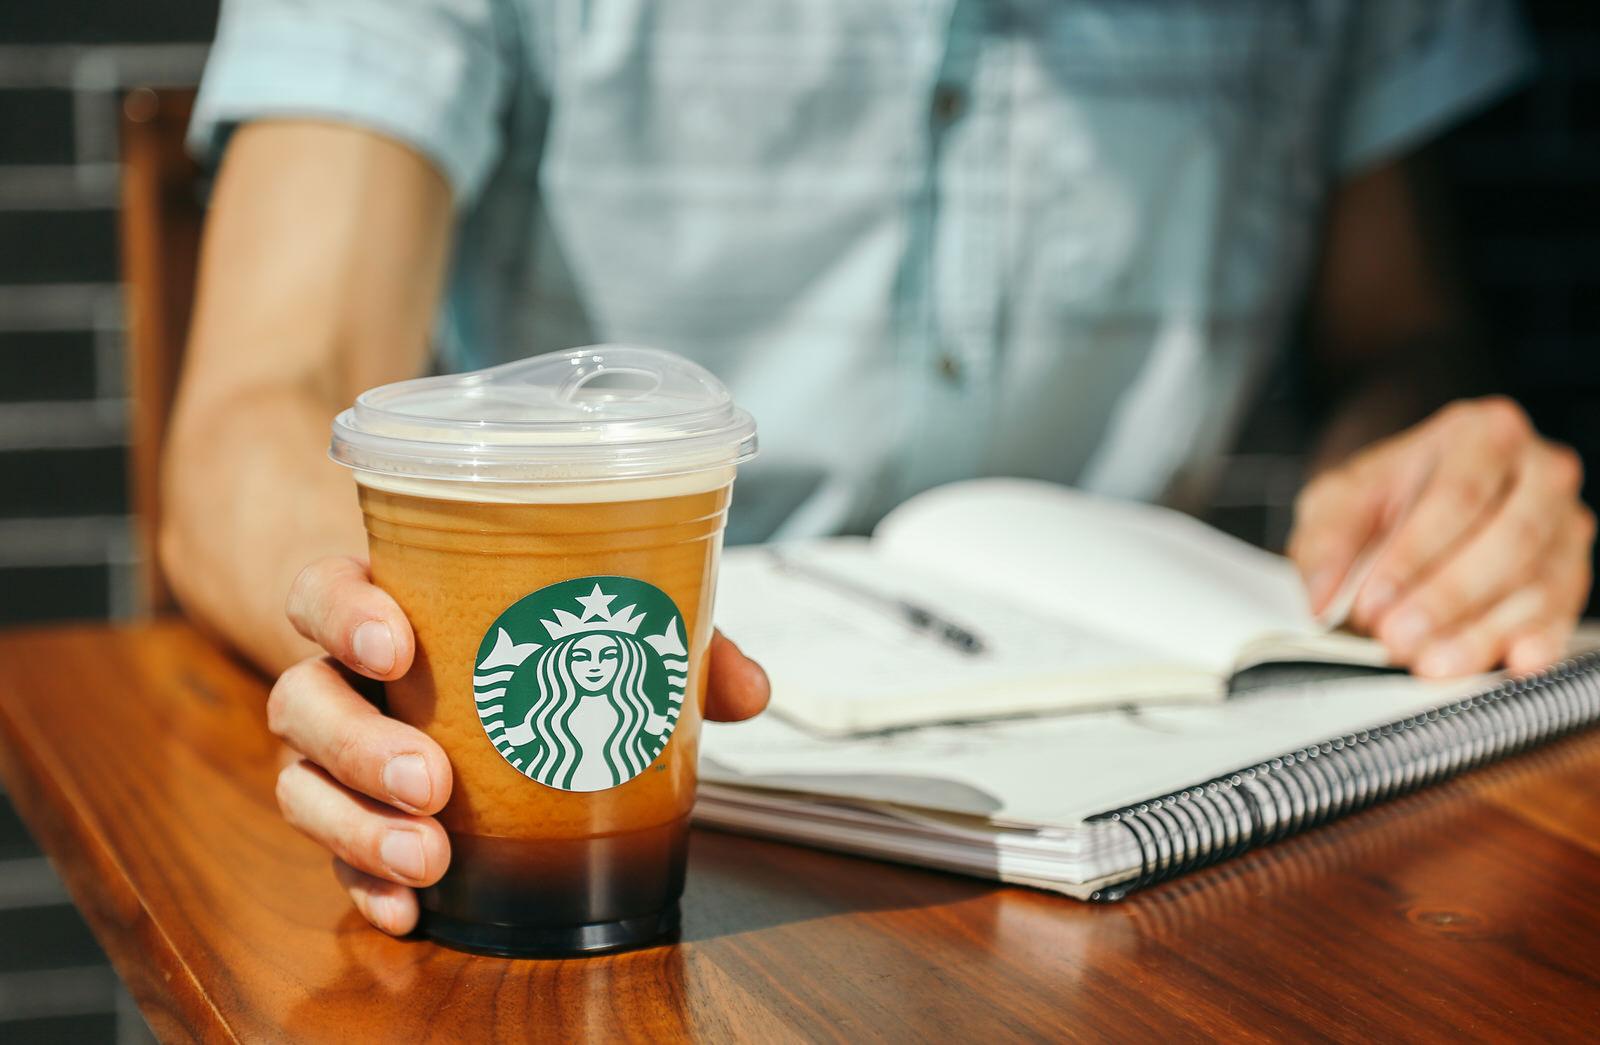 スターバックス、新しいカップを発表 2020年までに全世界の店舗からストローを廃止